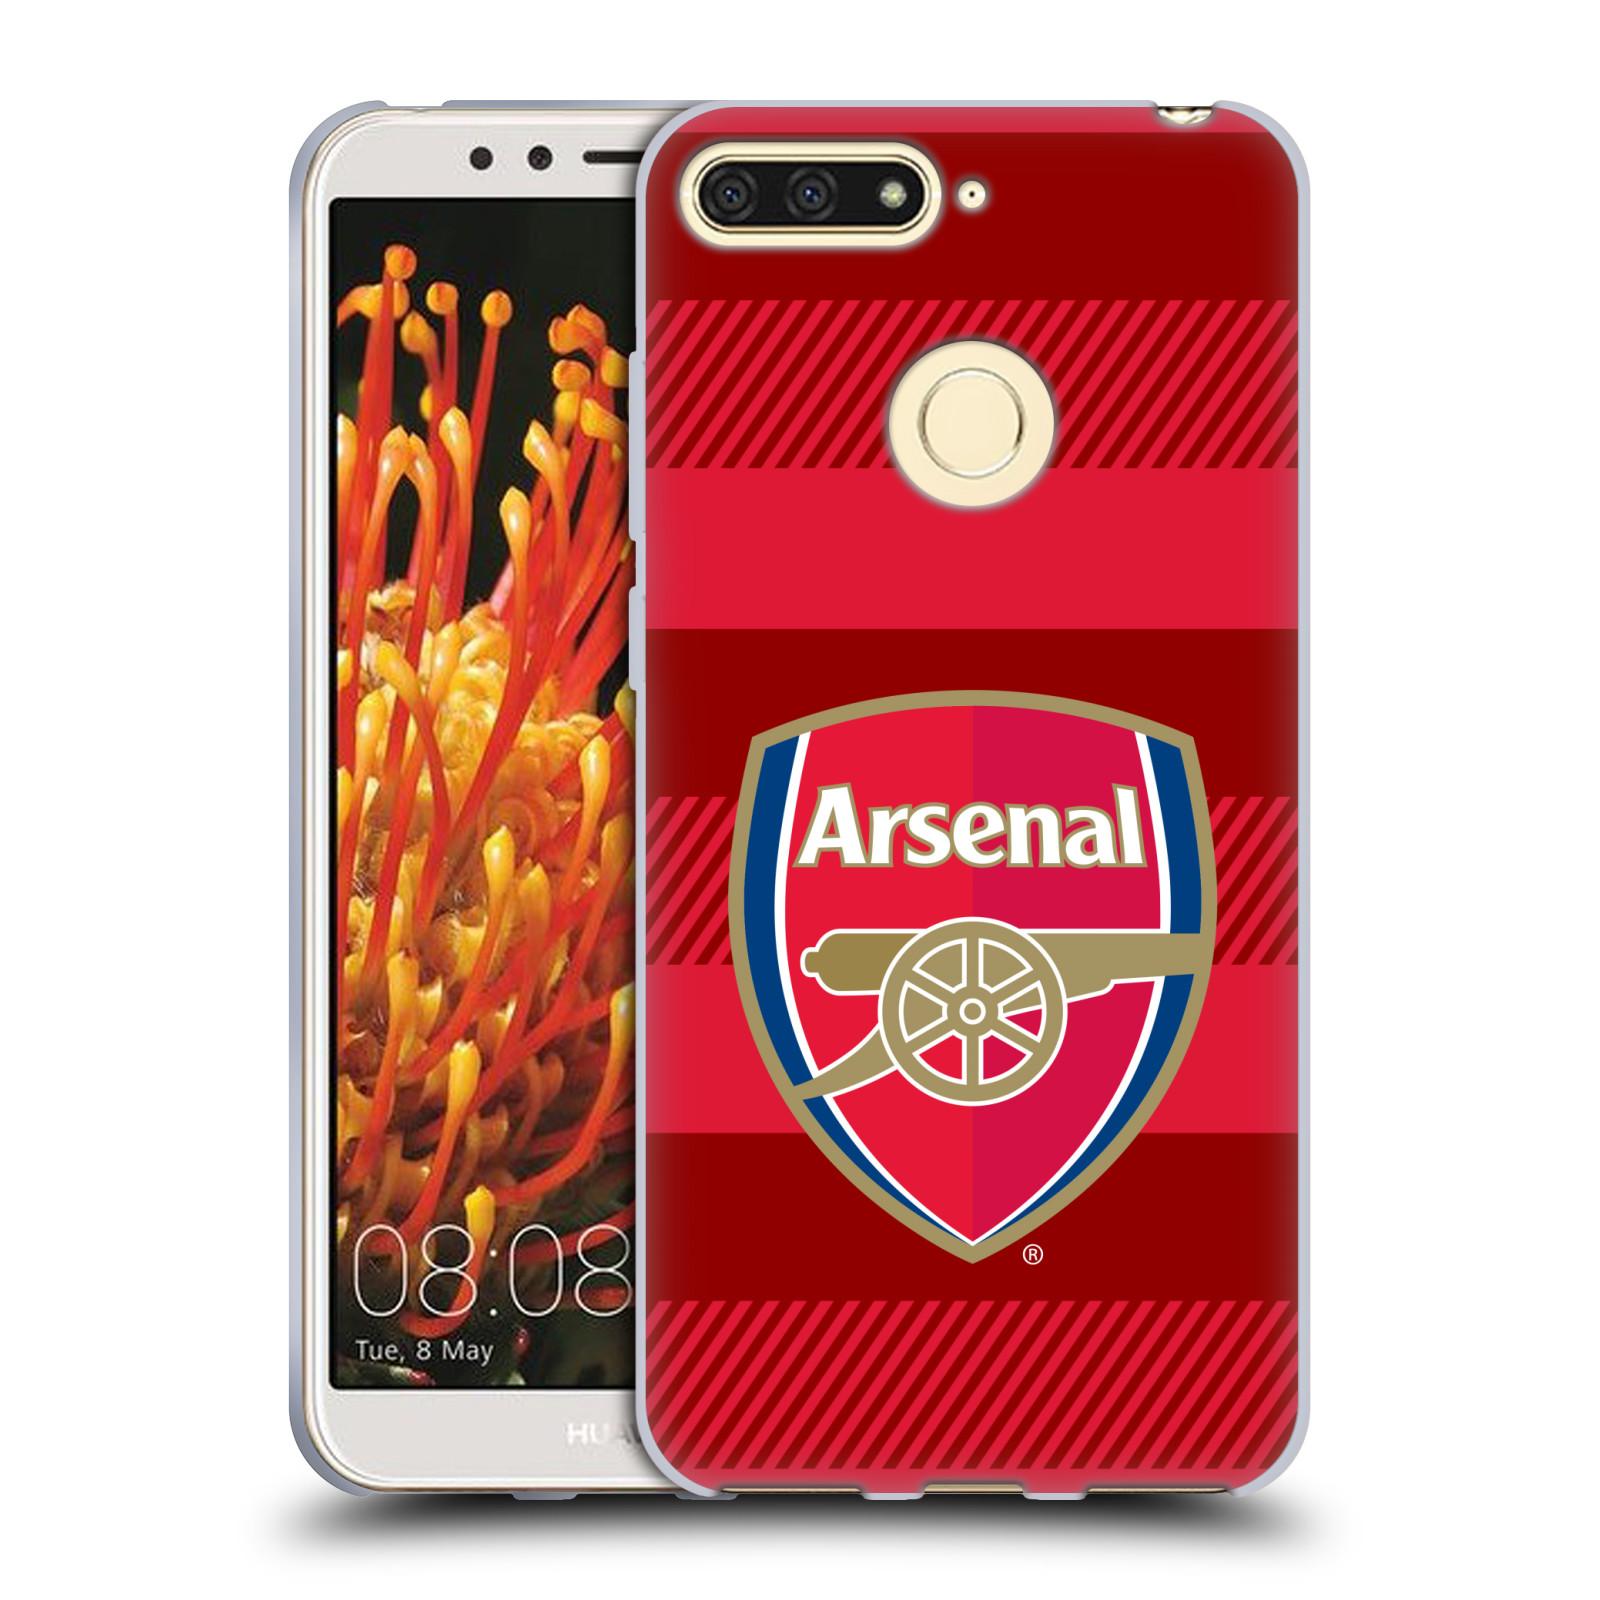 Silikonové pouzdro na mobil Huawei Y6 Prime (2018) - Head Case - Arsenal FC - Logo s pruhy